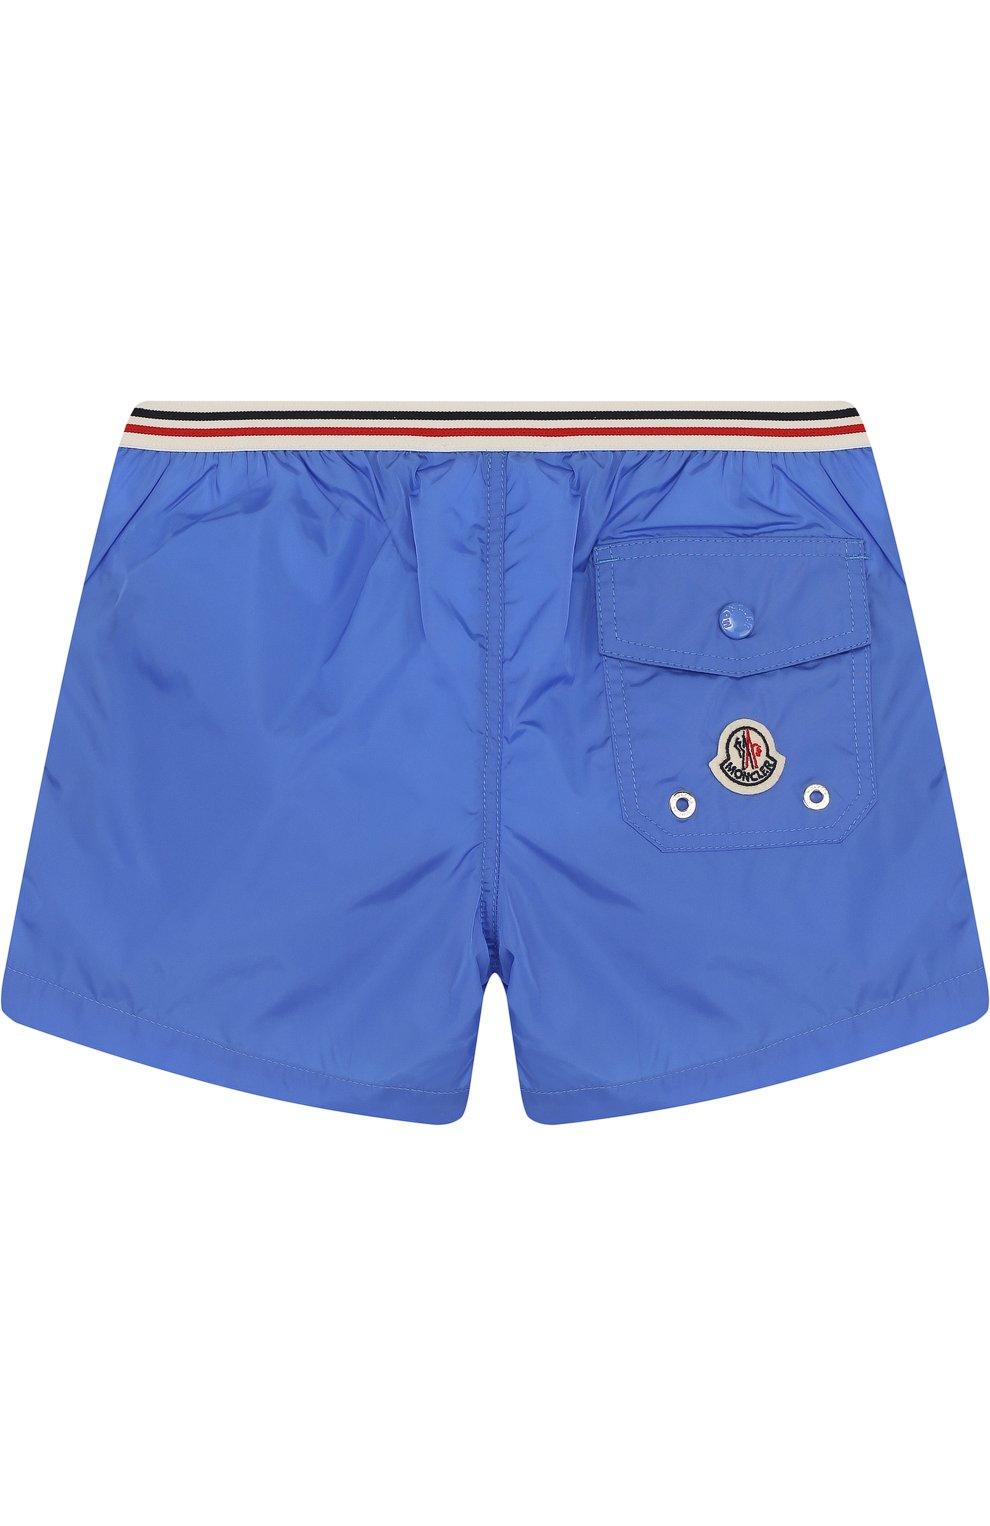 Детского плавки-шорты с логотипом бренда MONCLER ENFANT синего цвета, арт. D1-951-00733-05-53326 | Фото 2